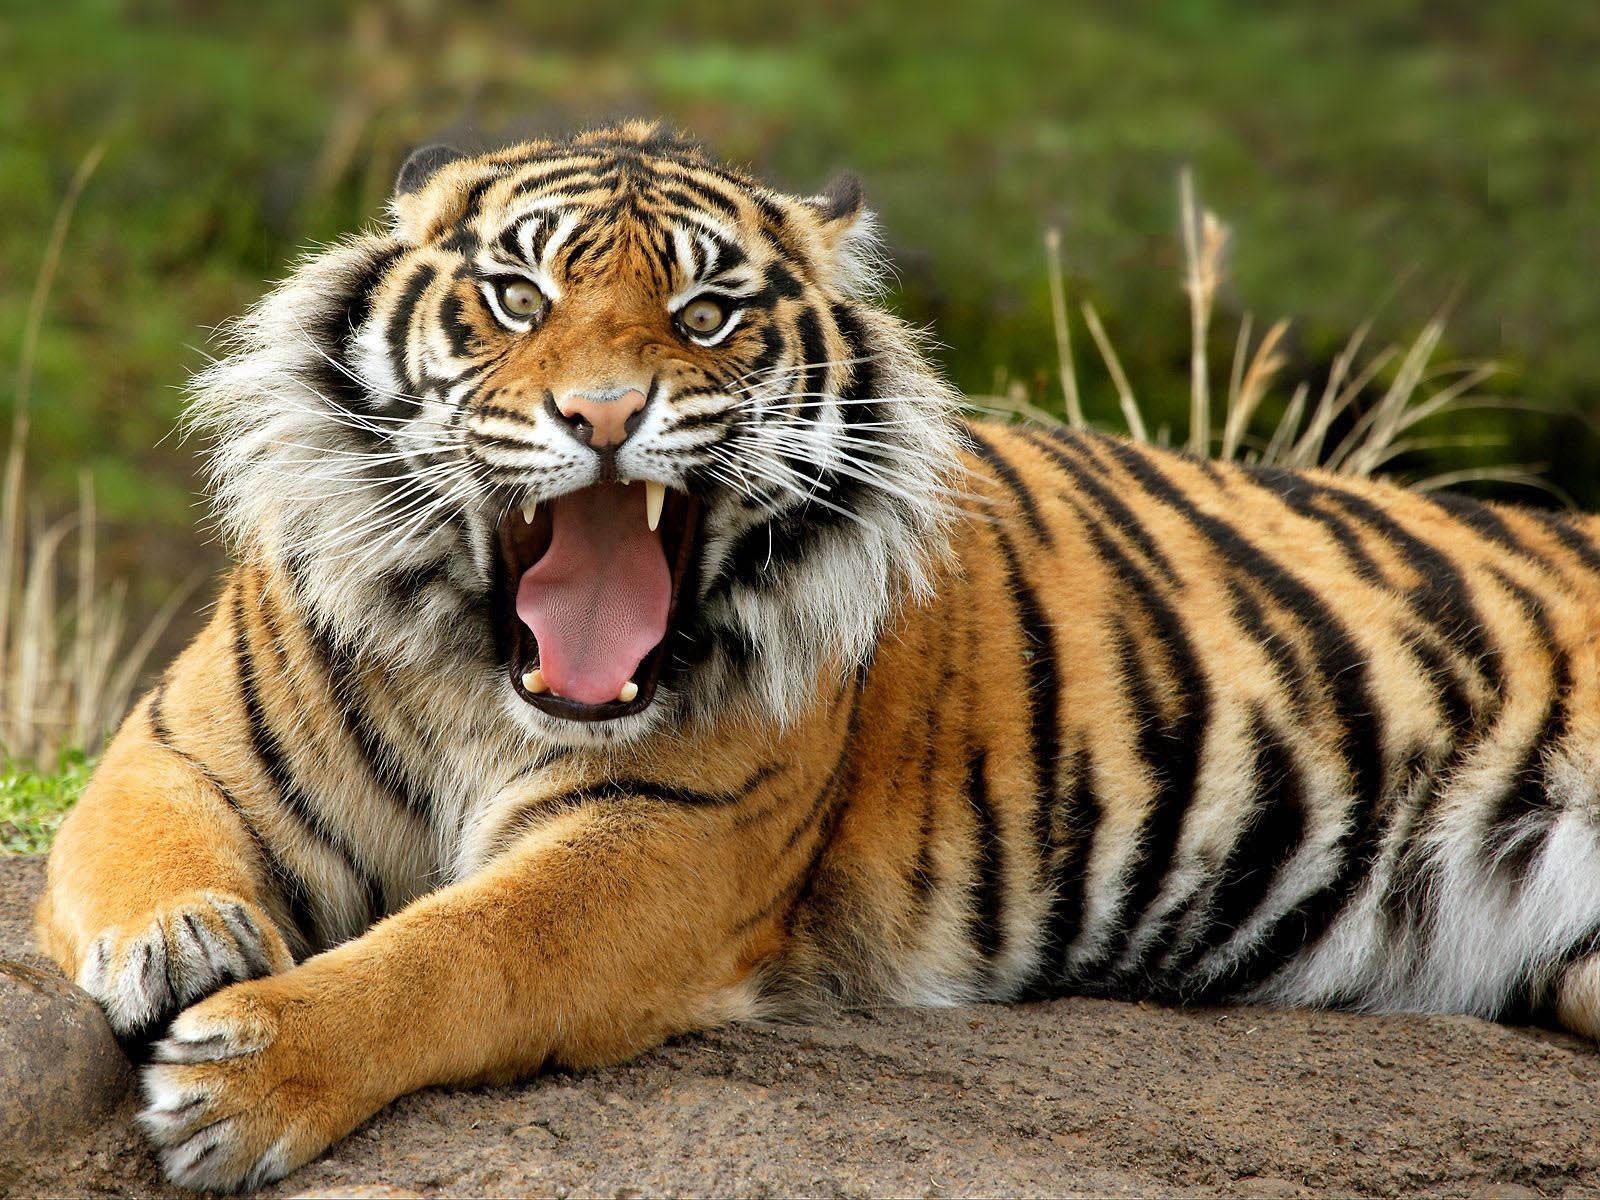 gambar harimau - gambar harimau terbesar